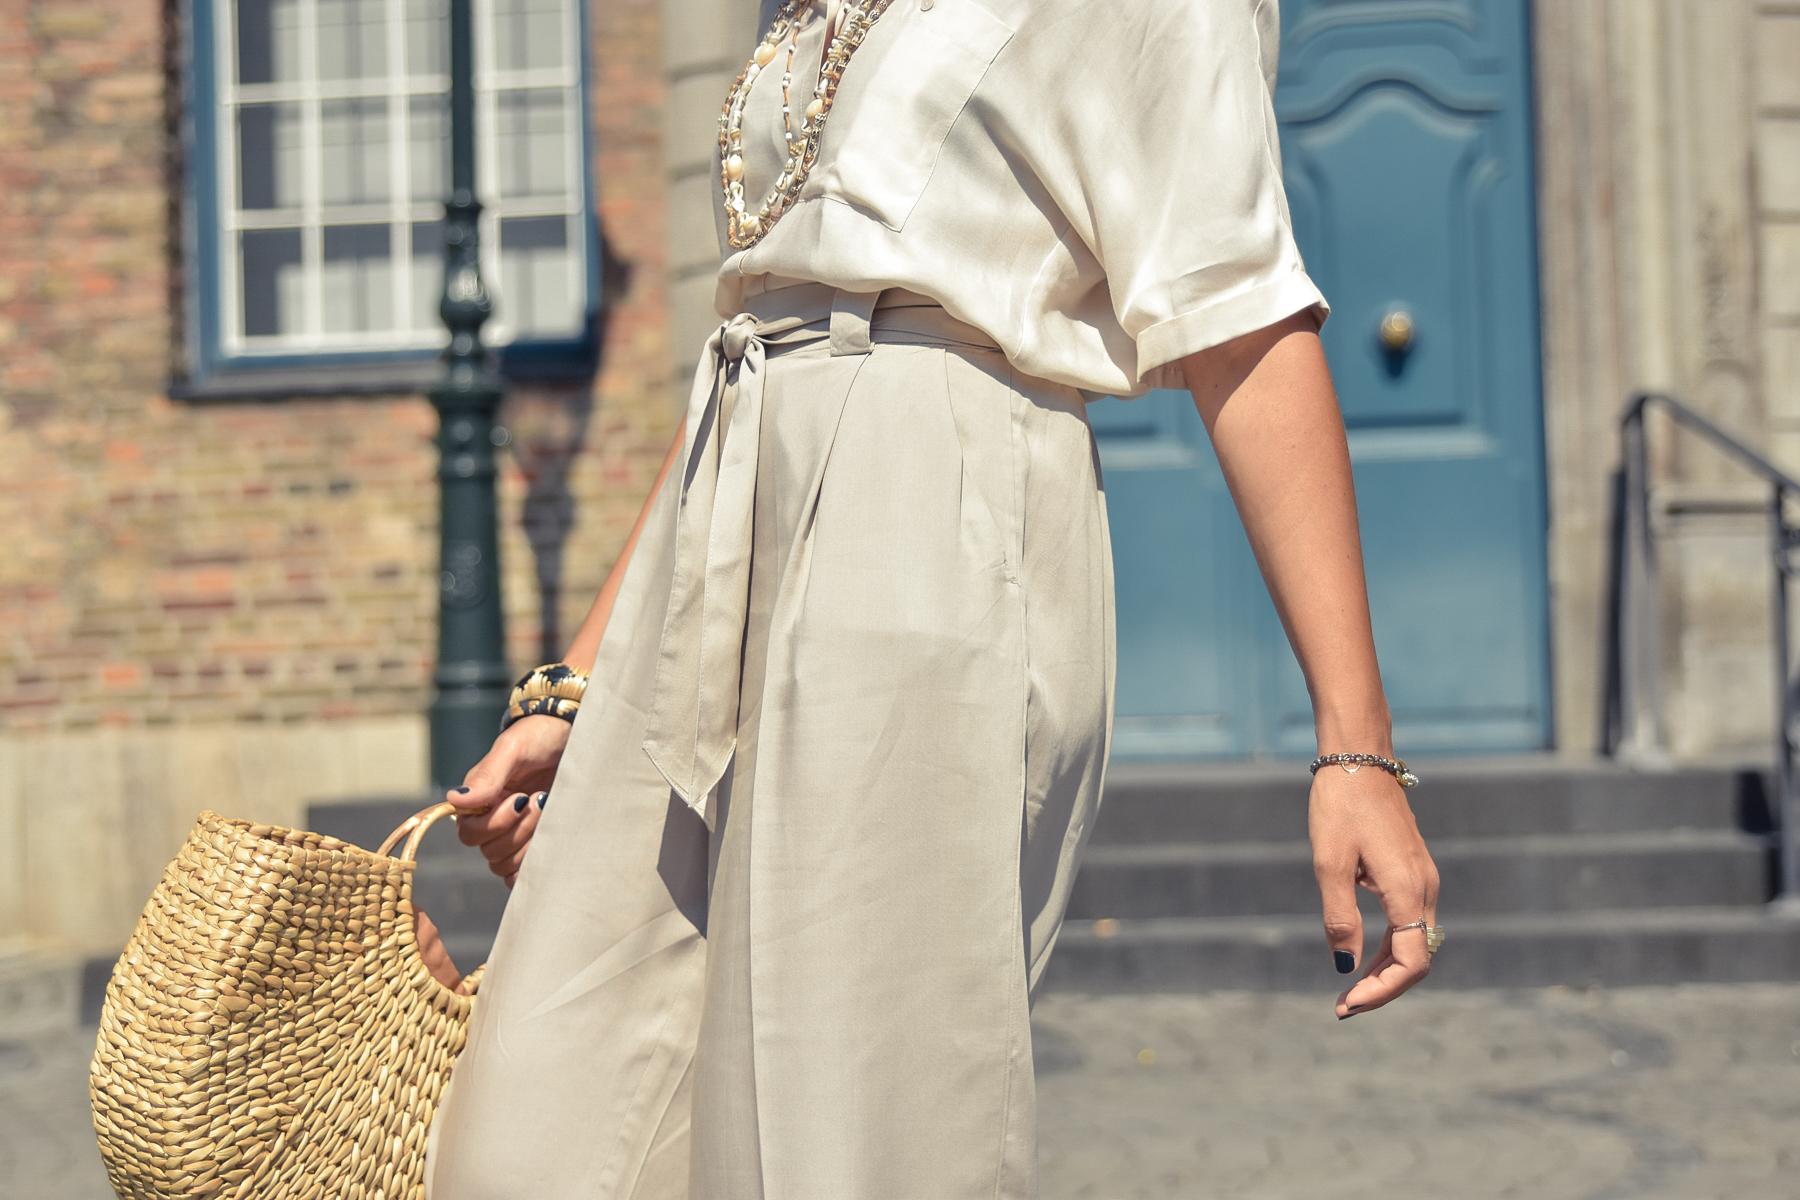 el-blog-de-silvia-visitar-dusseldorf-pared-mosaico-colores-look-pantalon-blusa-beige-06